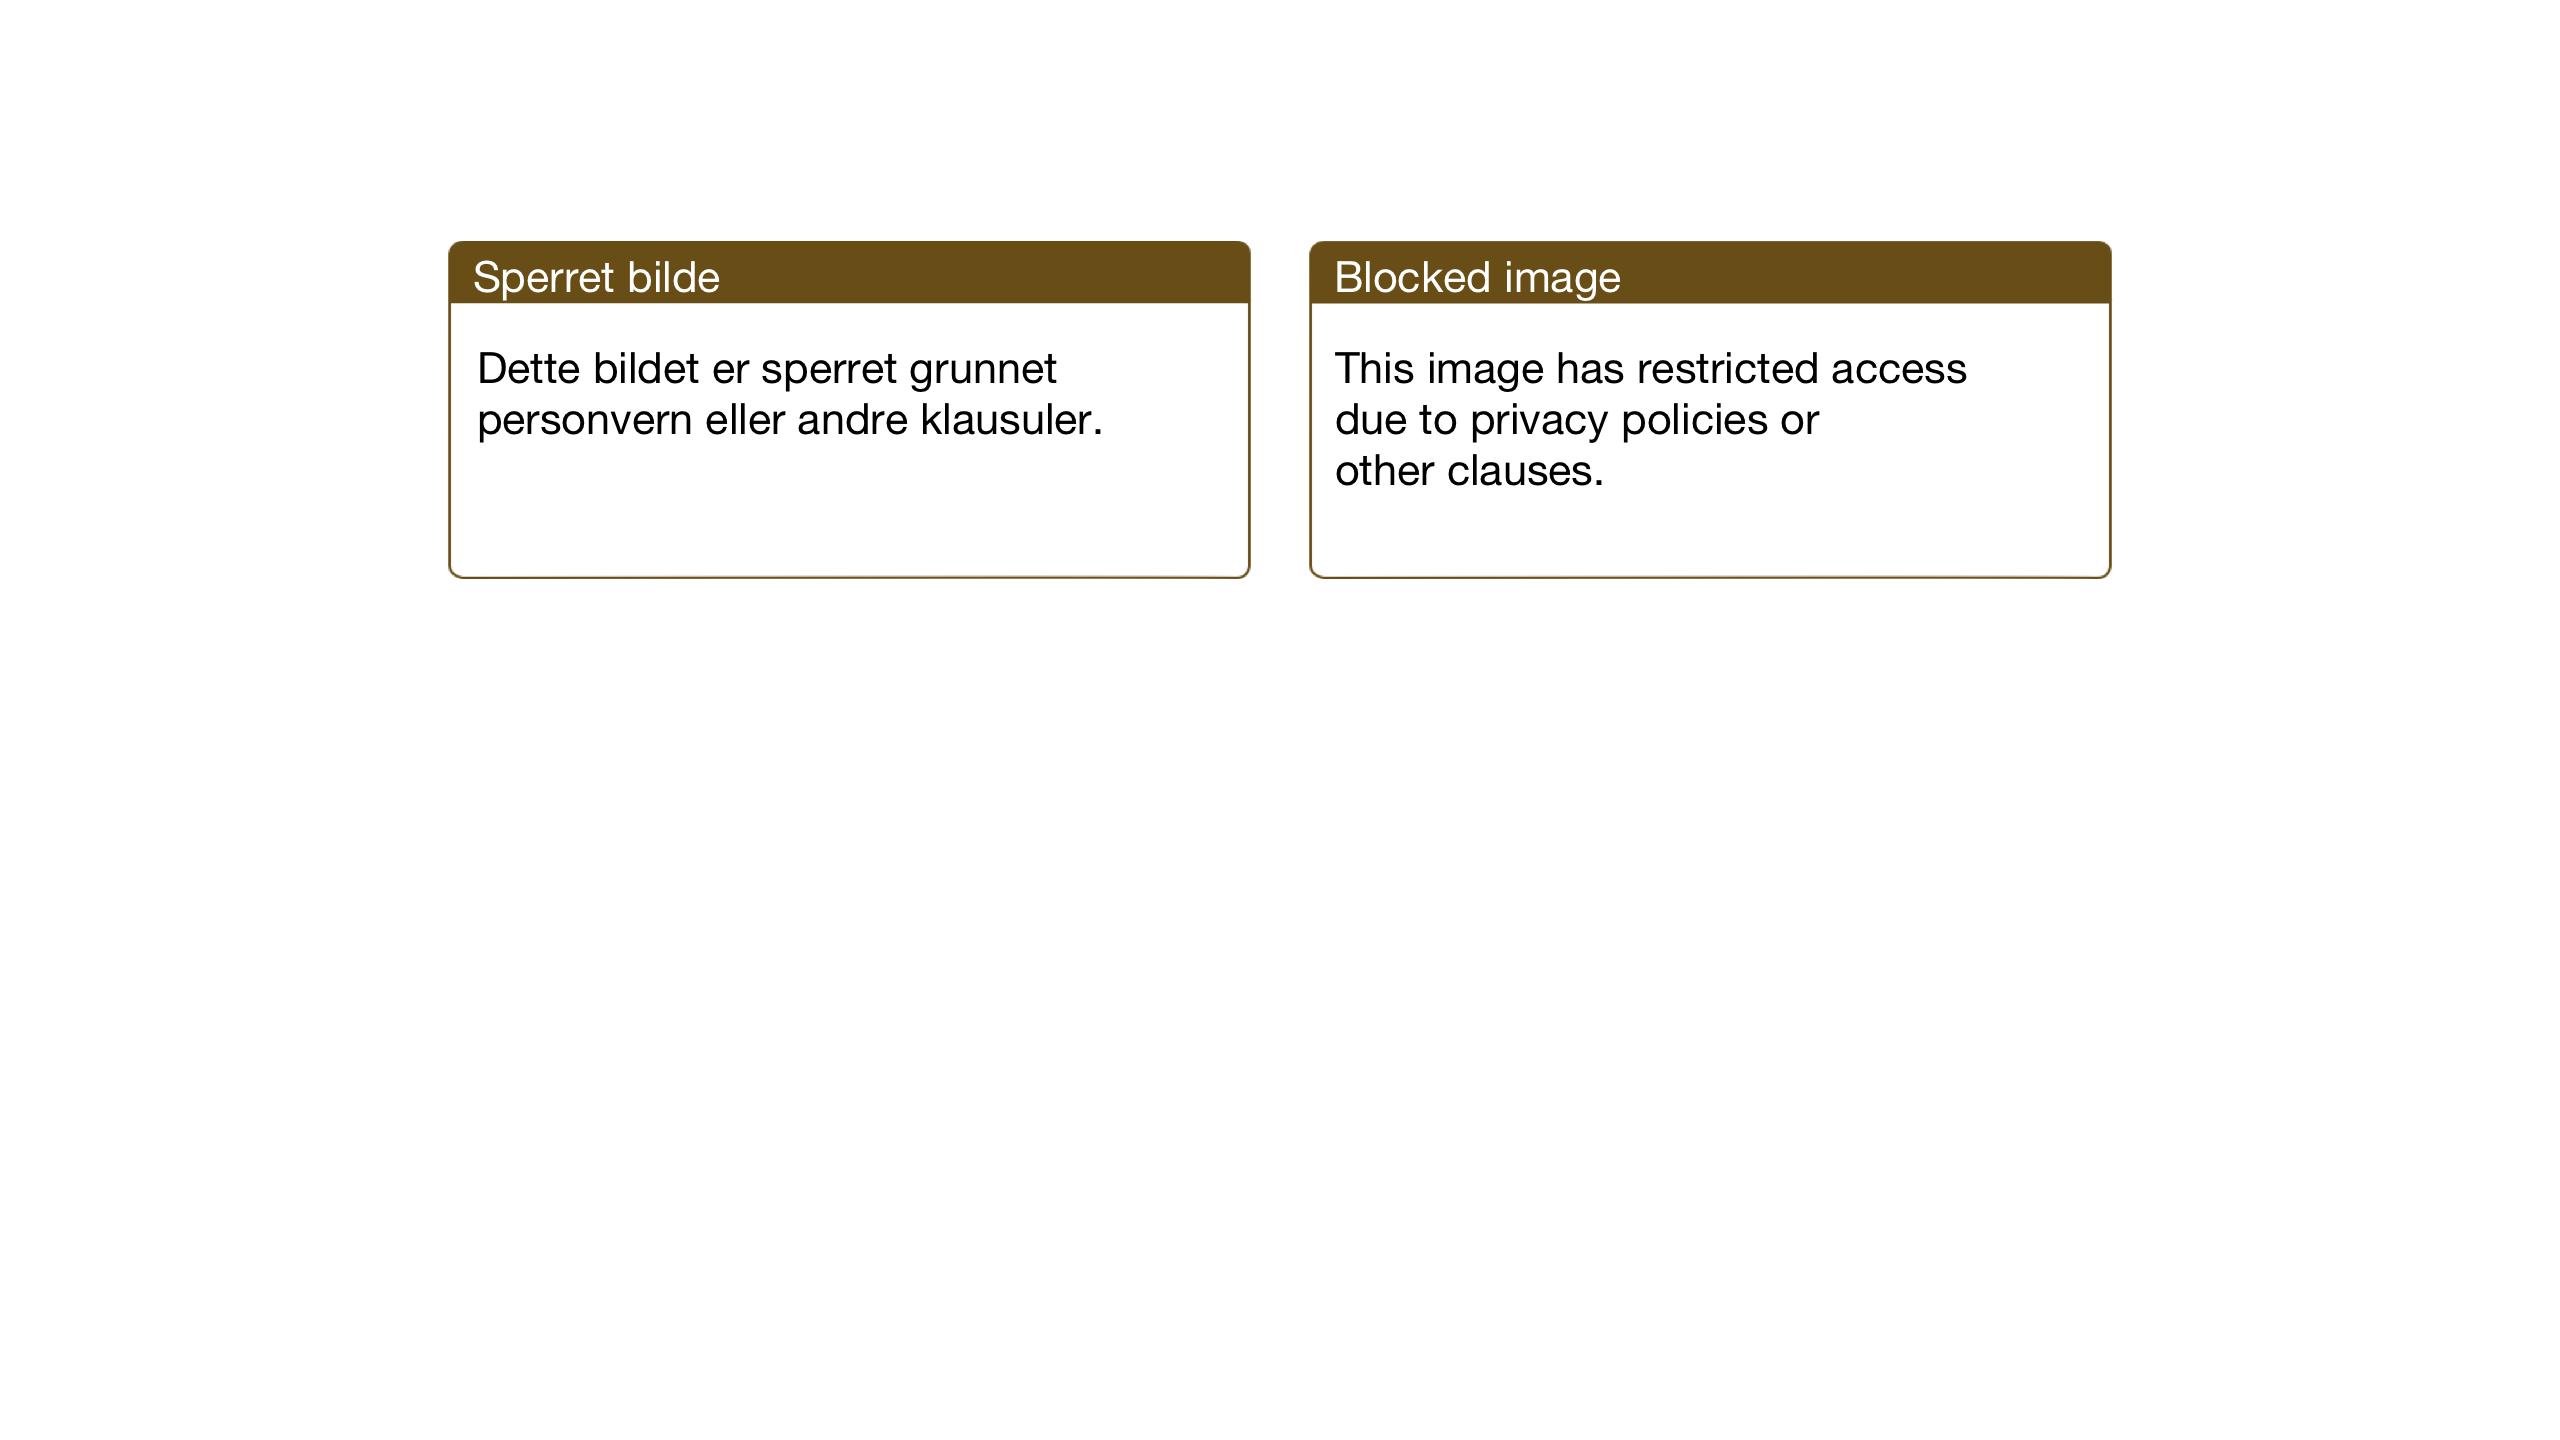 SAT, Ministerialprotokoller, klokkerbøker og fødselsregistre - Nord-Trøndelag, 722/L0227: Klokkerbok nr. 722C03, 1928-1958, s. 46